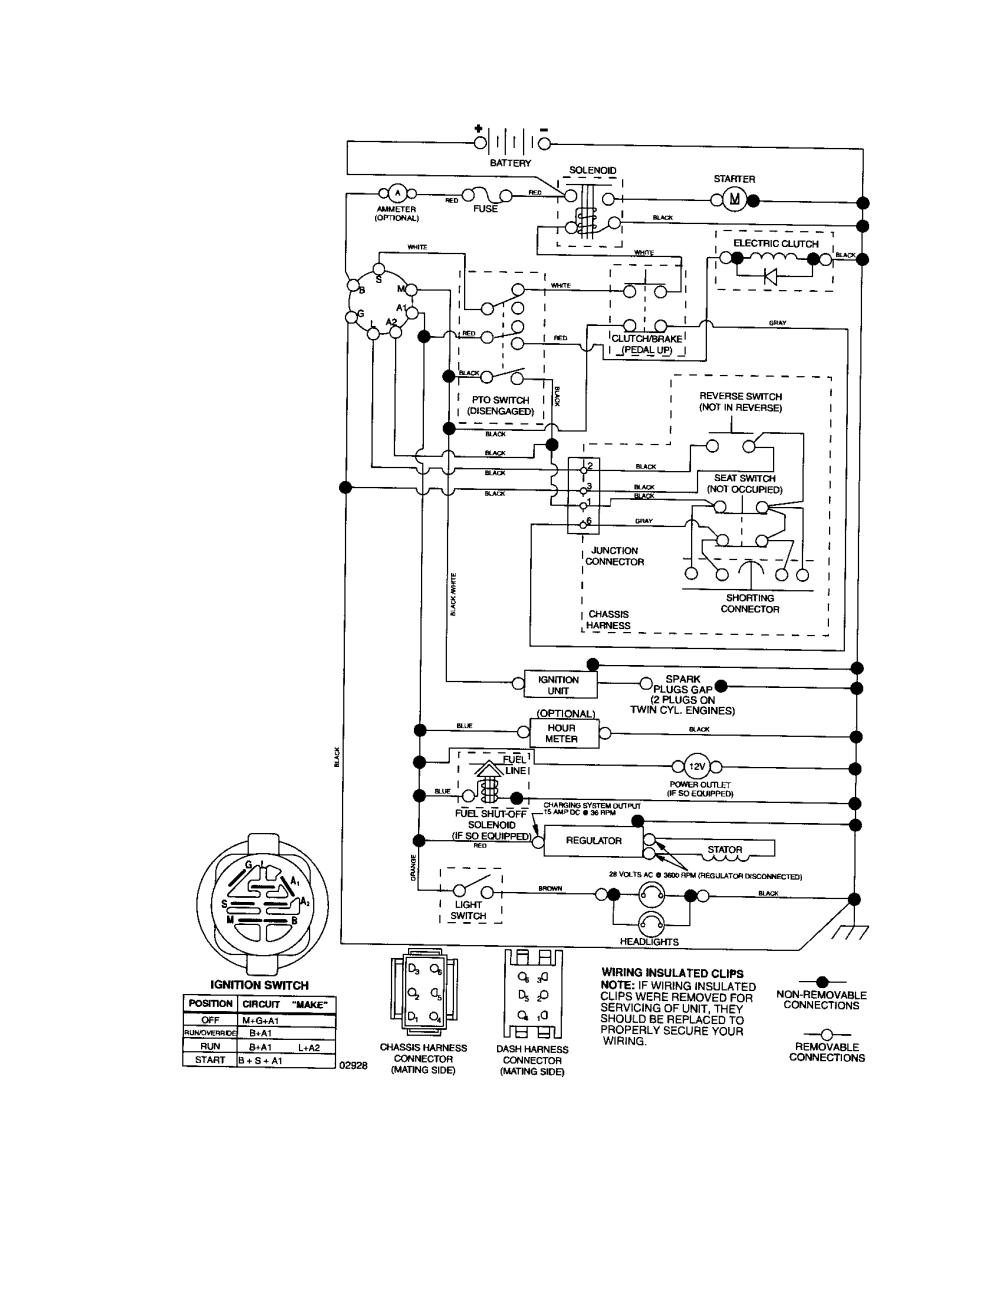 medium resolution of ford alternator wiring diagram internal regulator wiring diagramhj75 alternator wiring diagram wiring diagram database